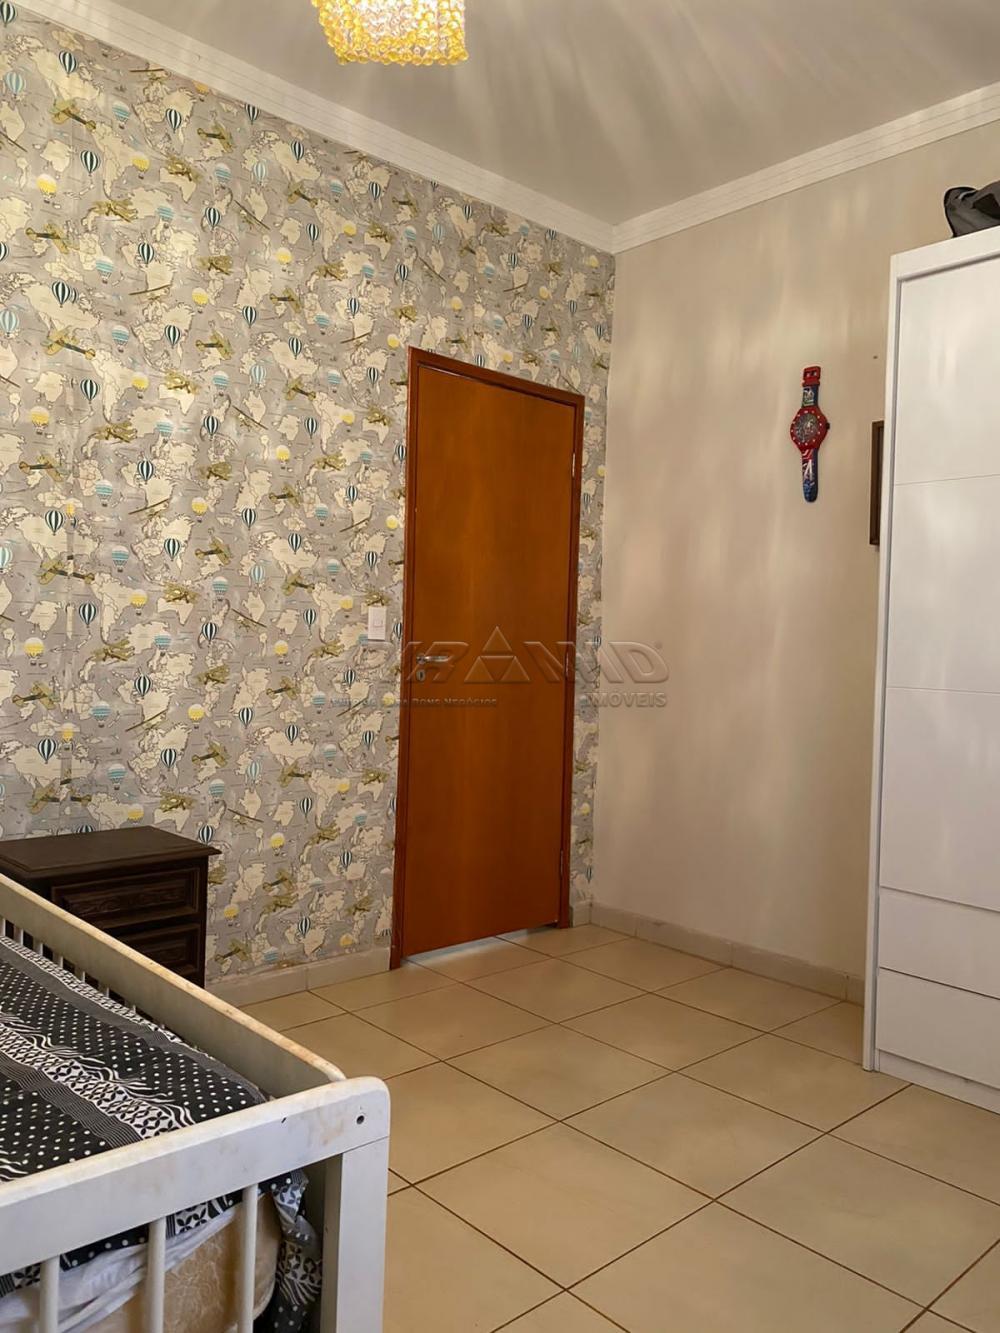 Comprar Casa / Padrão em Ribeirão Preto R$ 900.000,00 - Foto 14